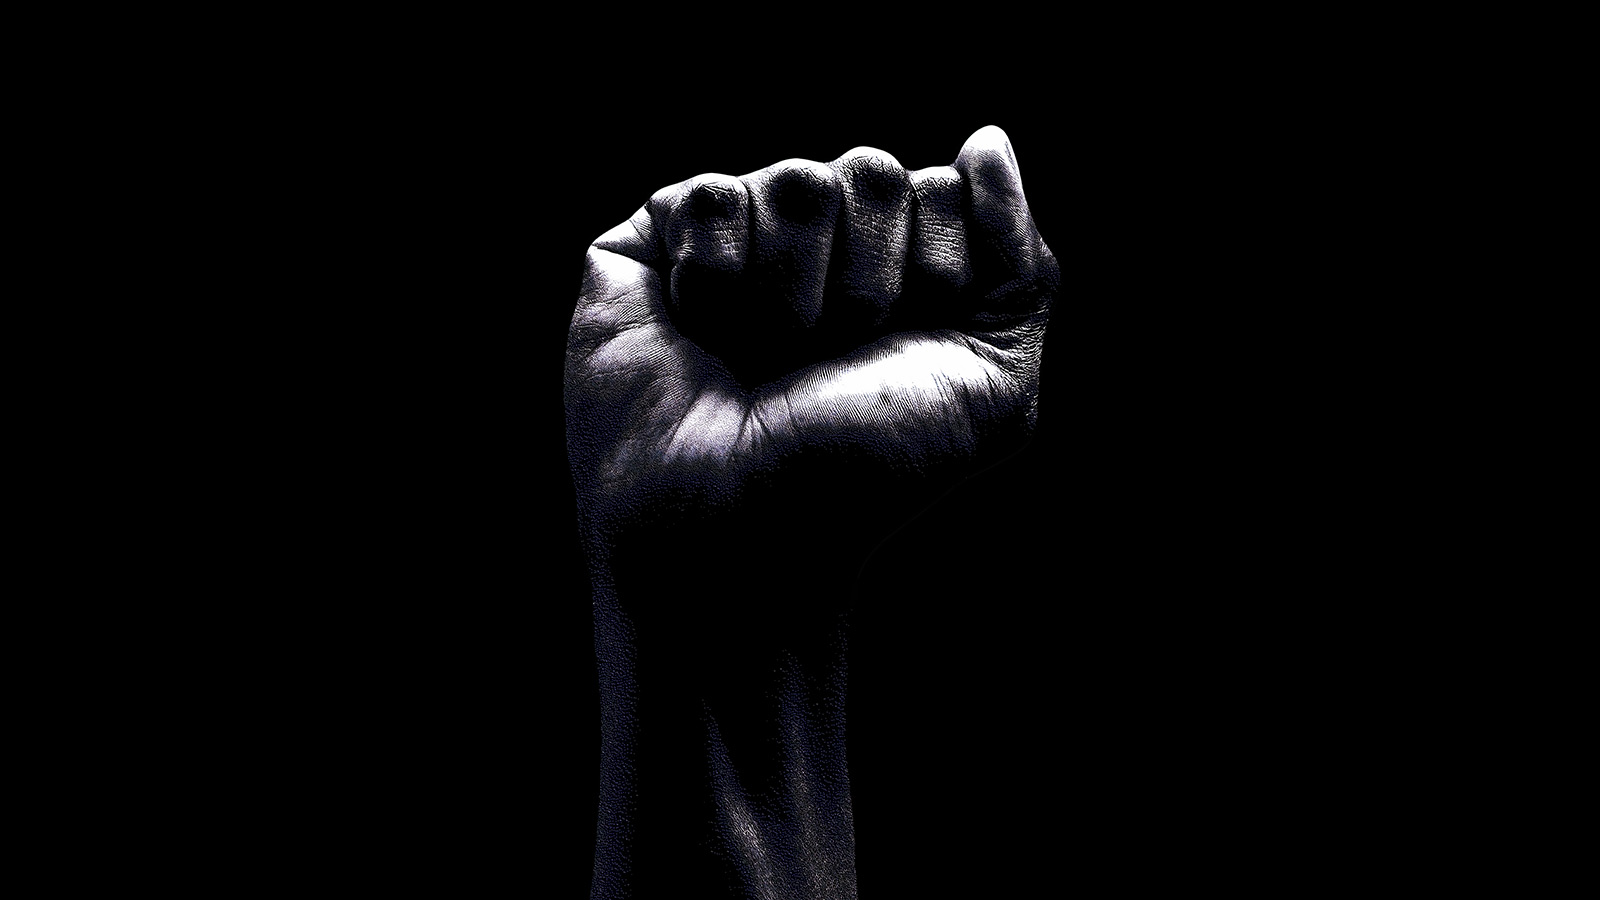 black fist on dark background